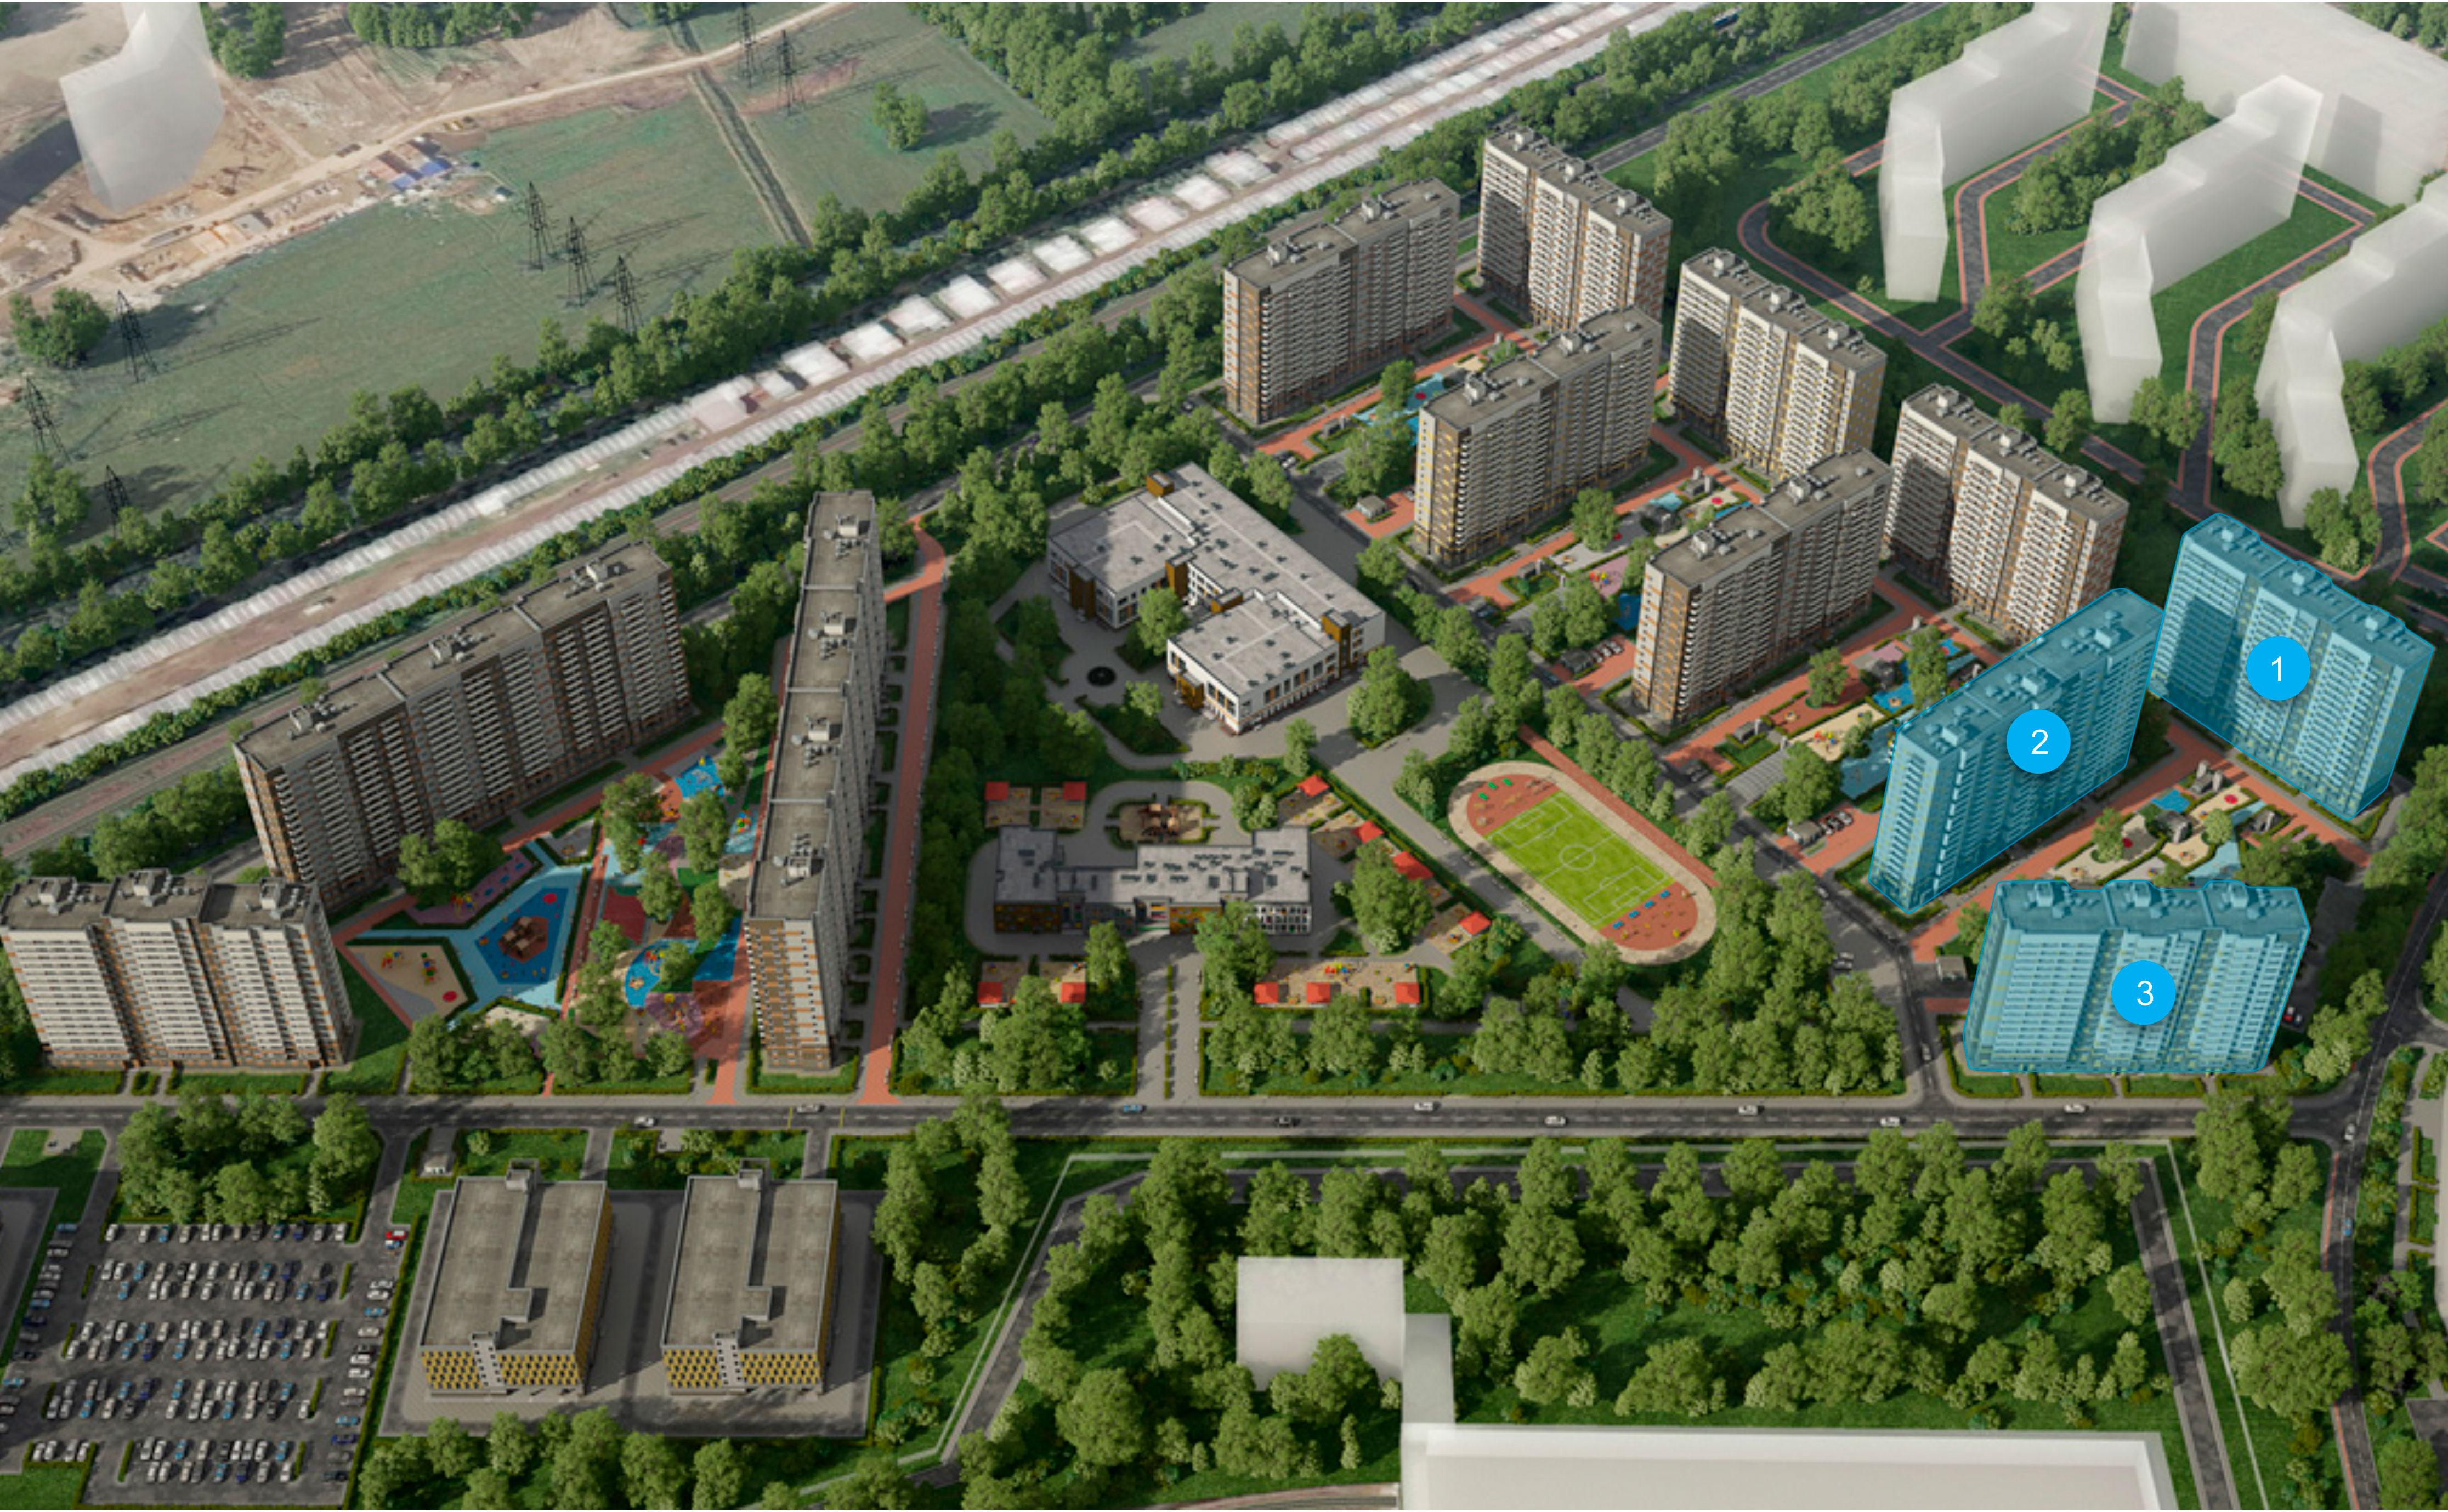 План жилого комплекса ЖК ЦДС Северный